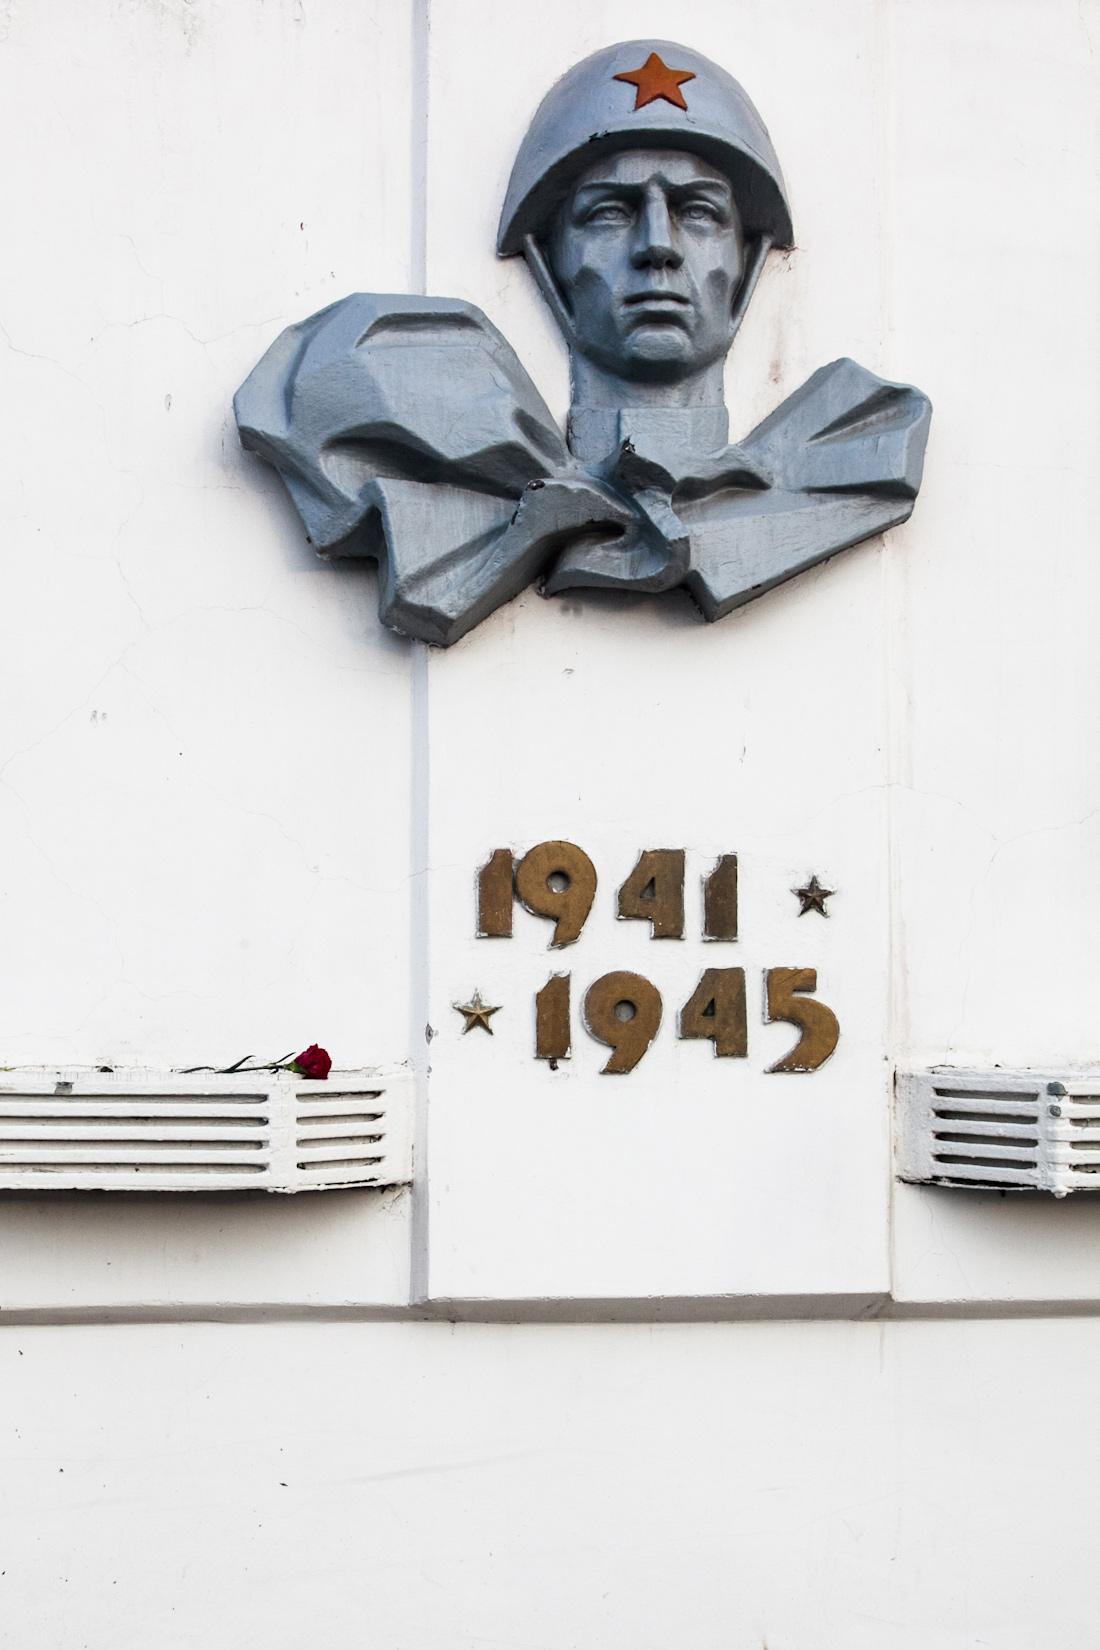 IIWW 1941-1945